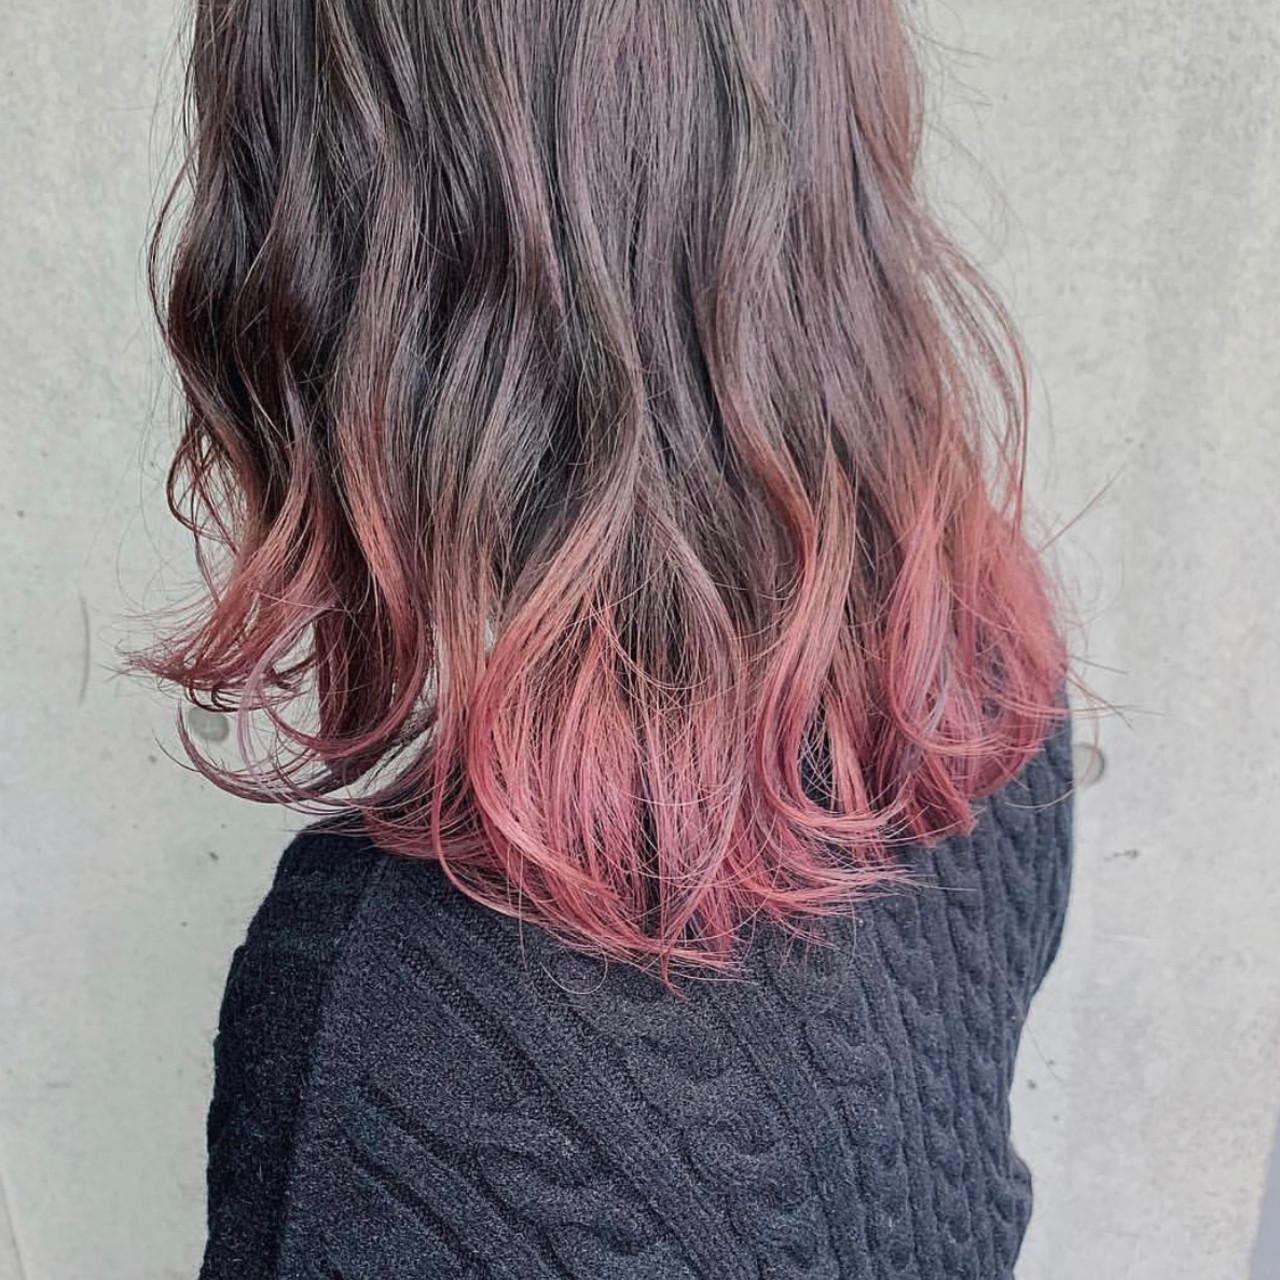 ほんのりガーリーで愛らしい♡ふんわりミディアムのピンクグラデーションカラー アヤLano by HAIR